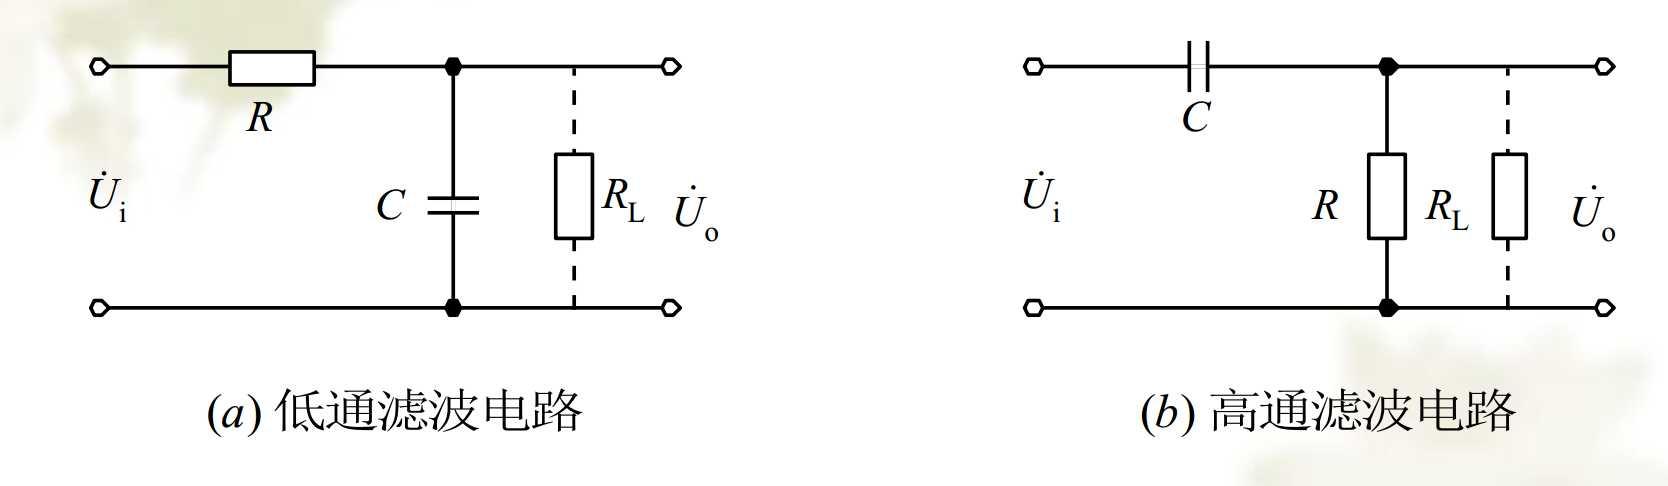 九阶短路枝节高通滤波器电路图